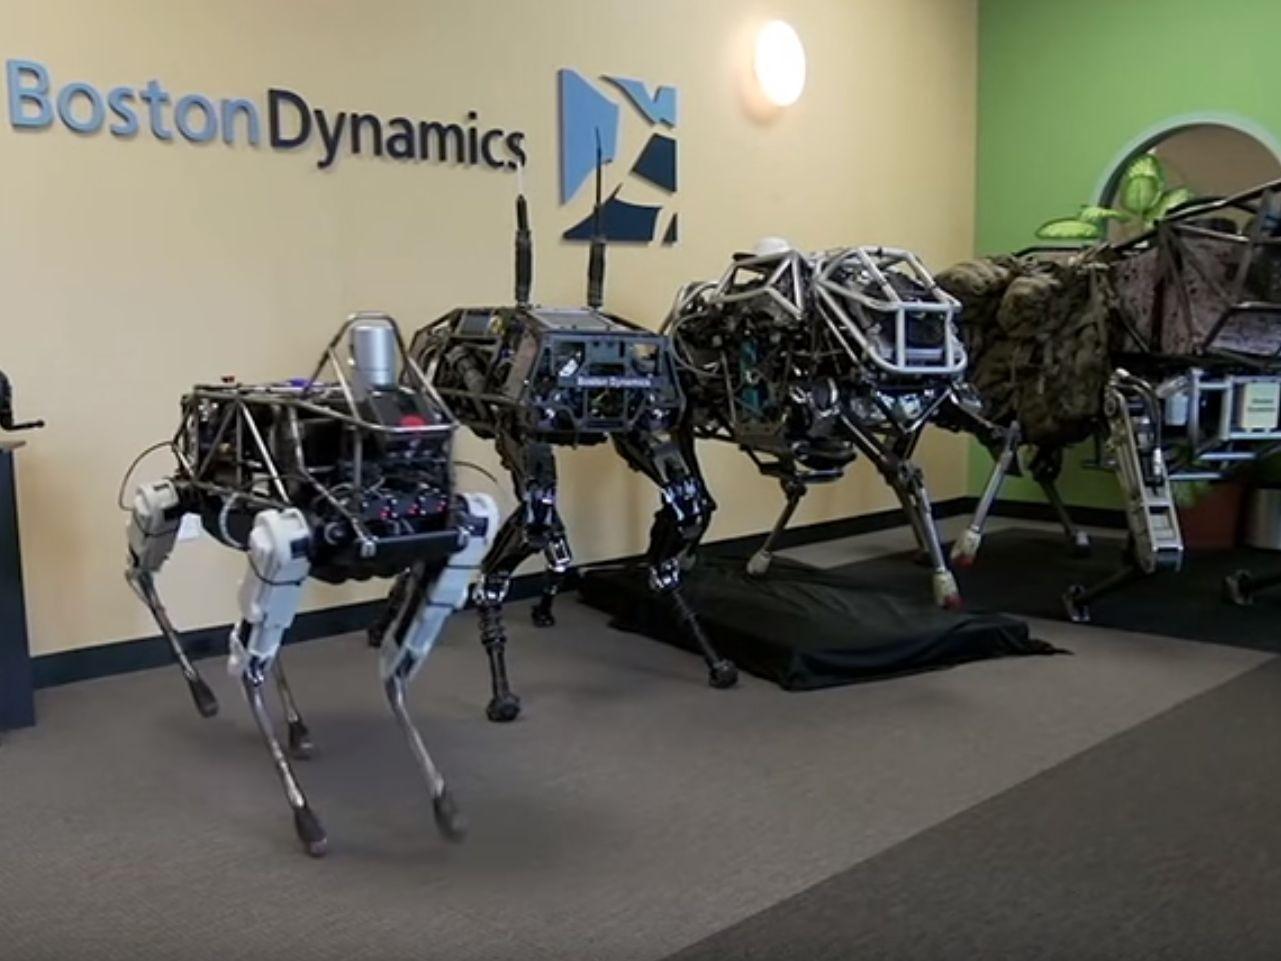 В следующем году в реализацию поступят американские роботы-псы